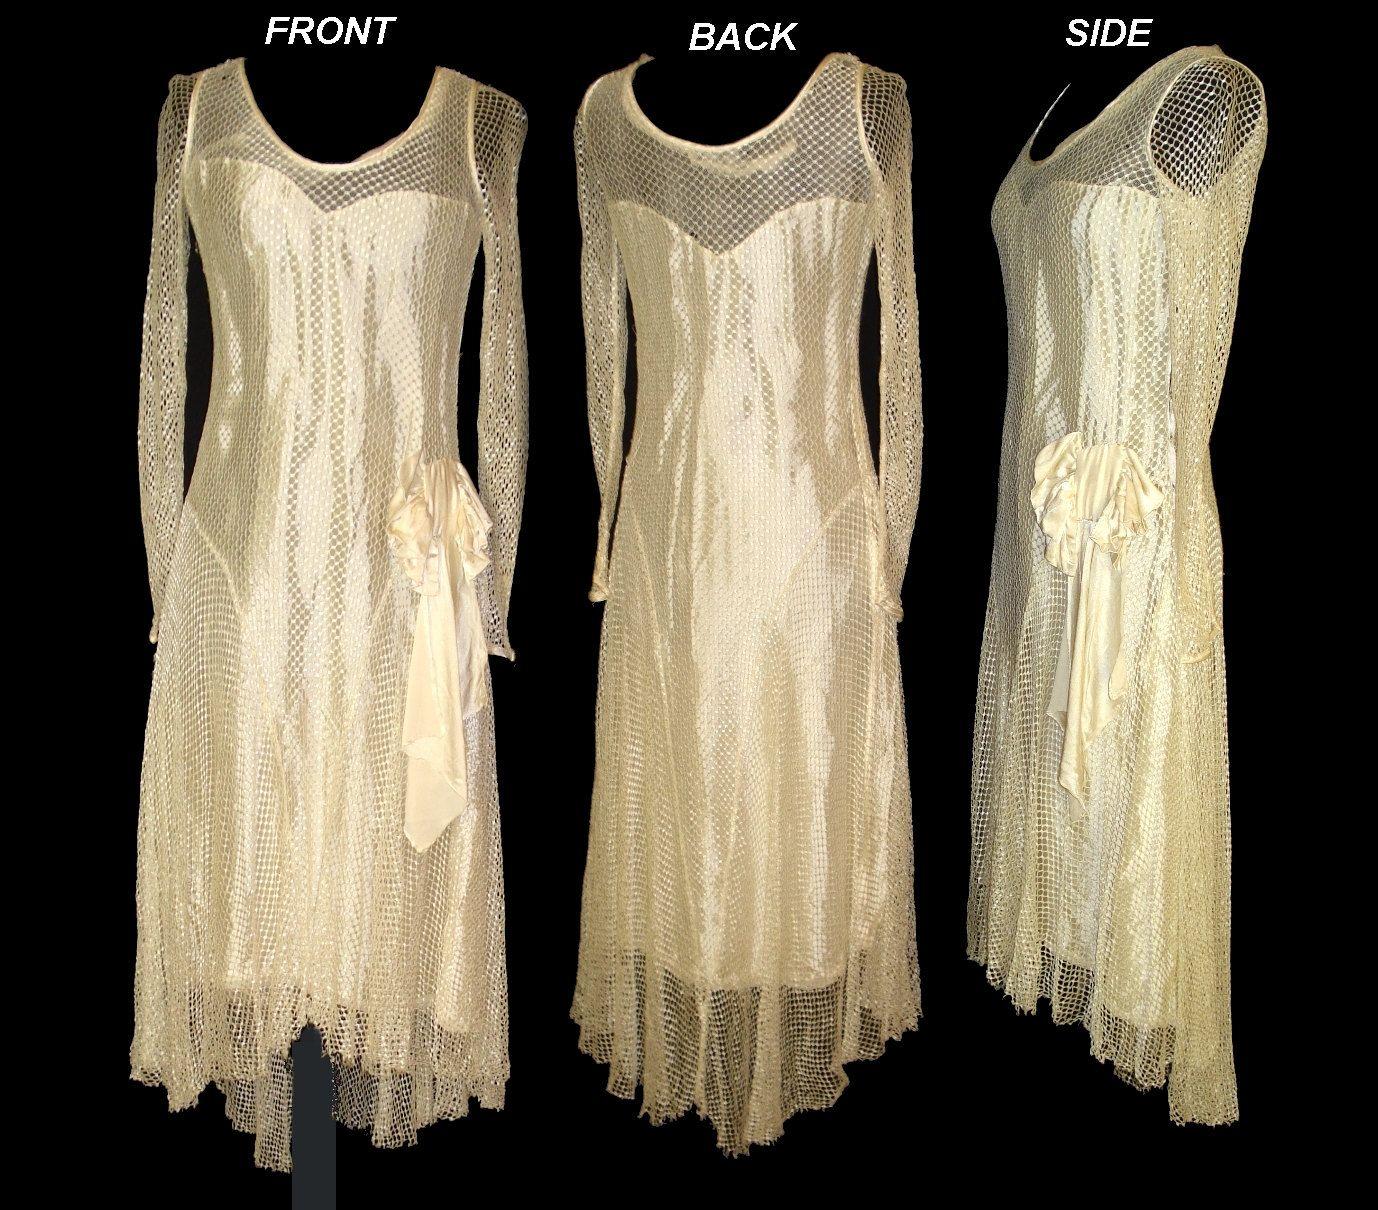 Vintage Wedding Gowns 1920s: Vintage Late 1920s 20s 1930s 30s Art Deco Art Nouveau